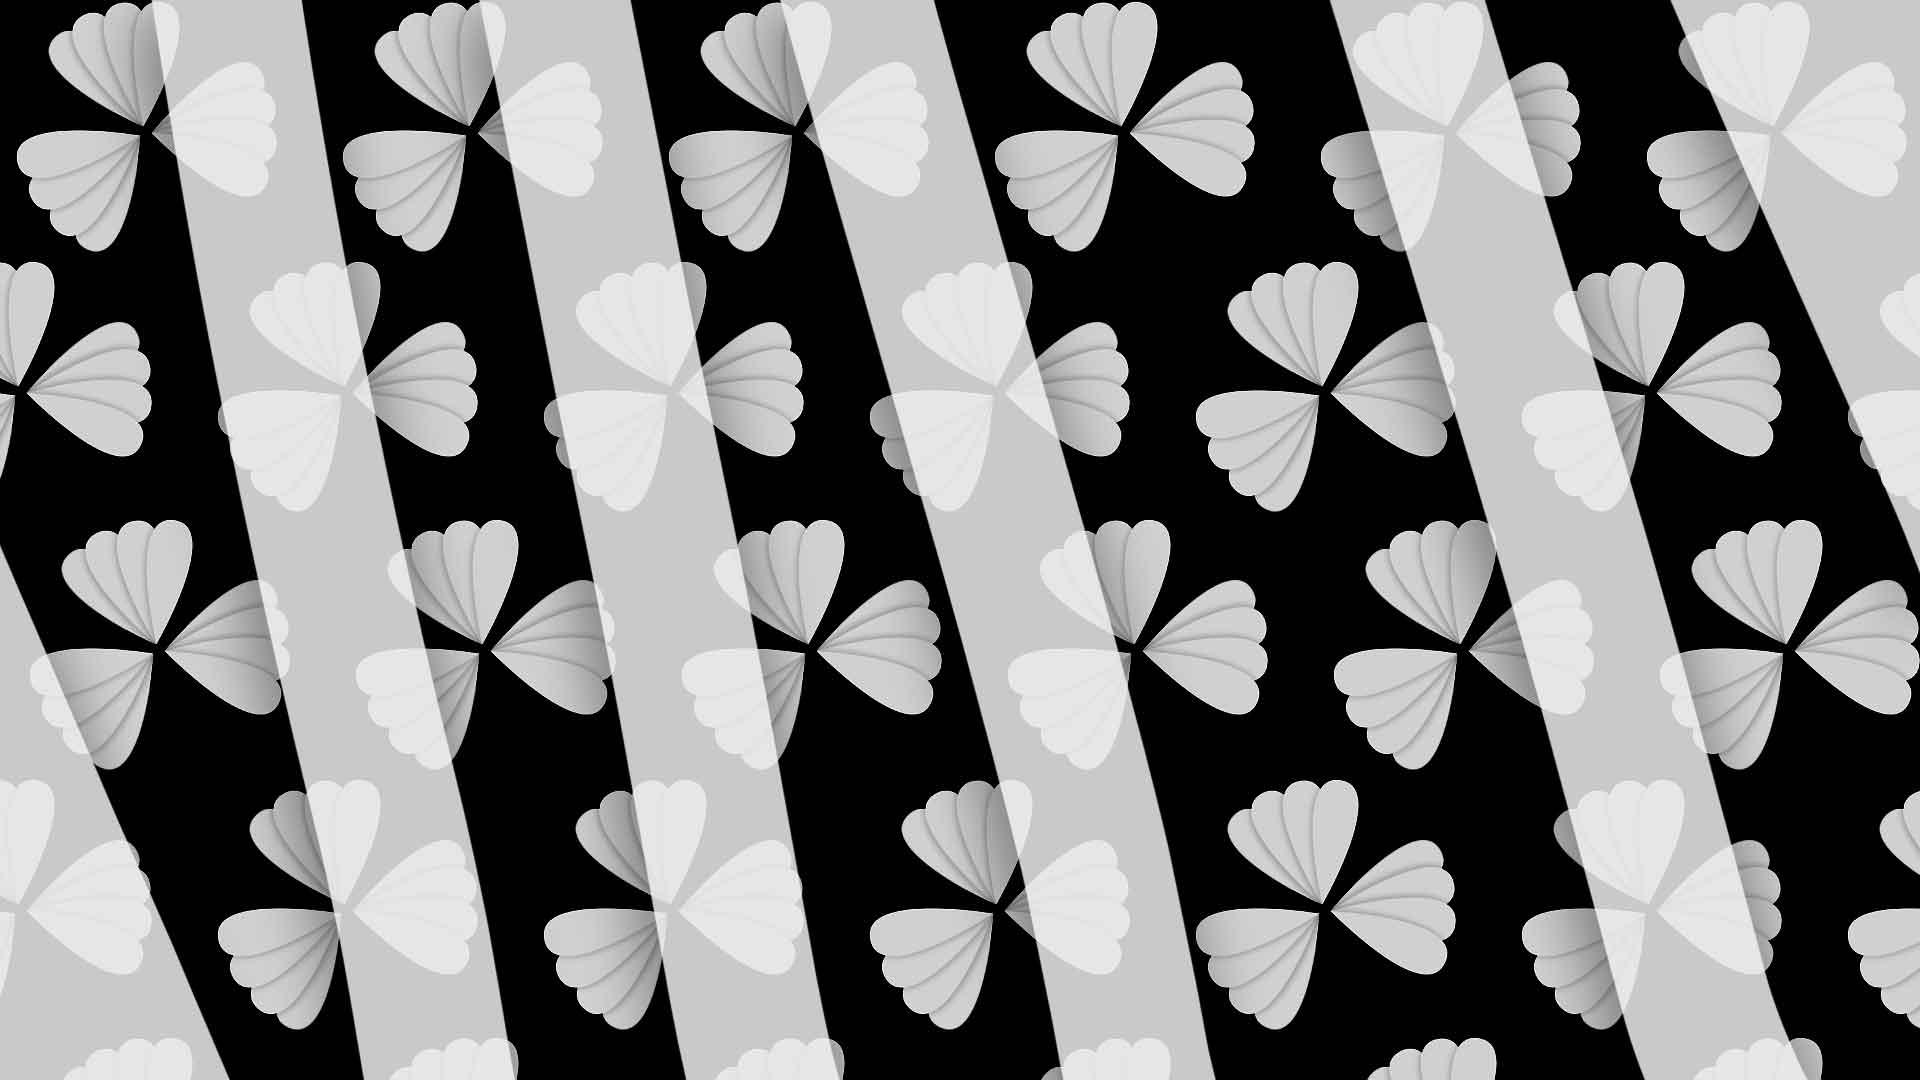 wallpaper aesthetic black